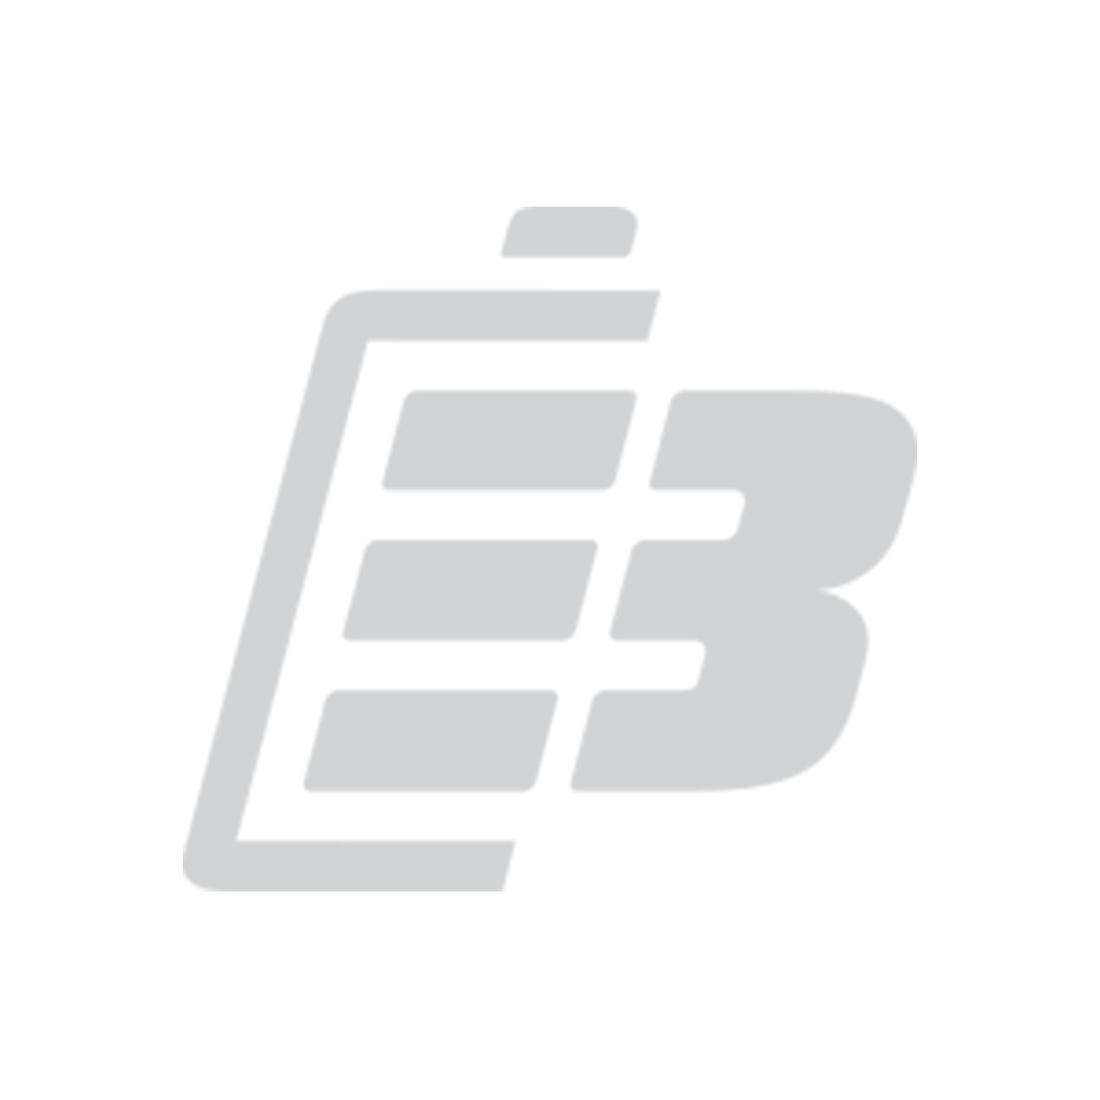 Μπαταρία Laptop Fujitsu Siemens Amilo Pi2515_1